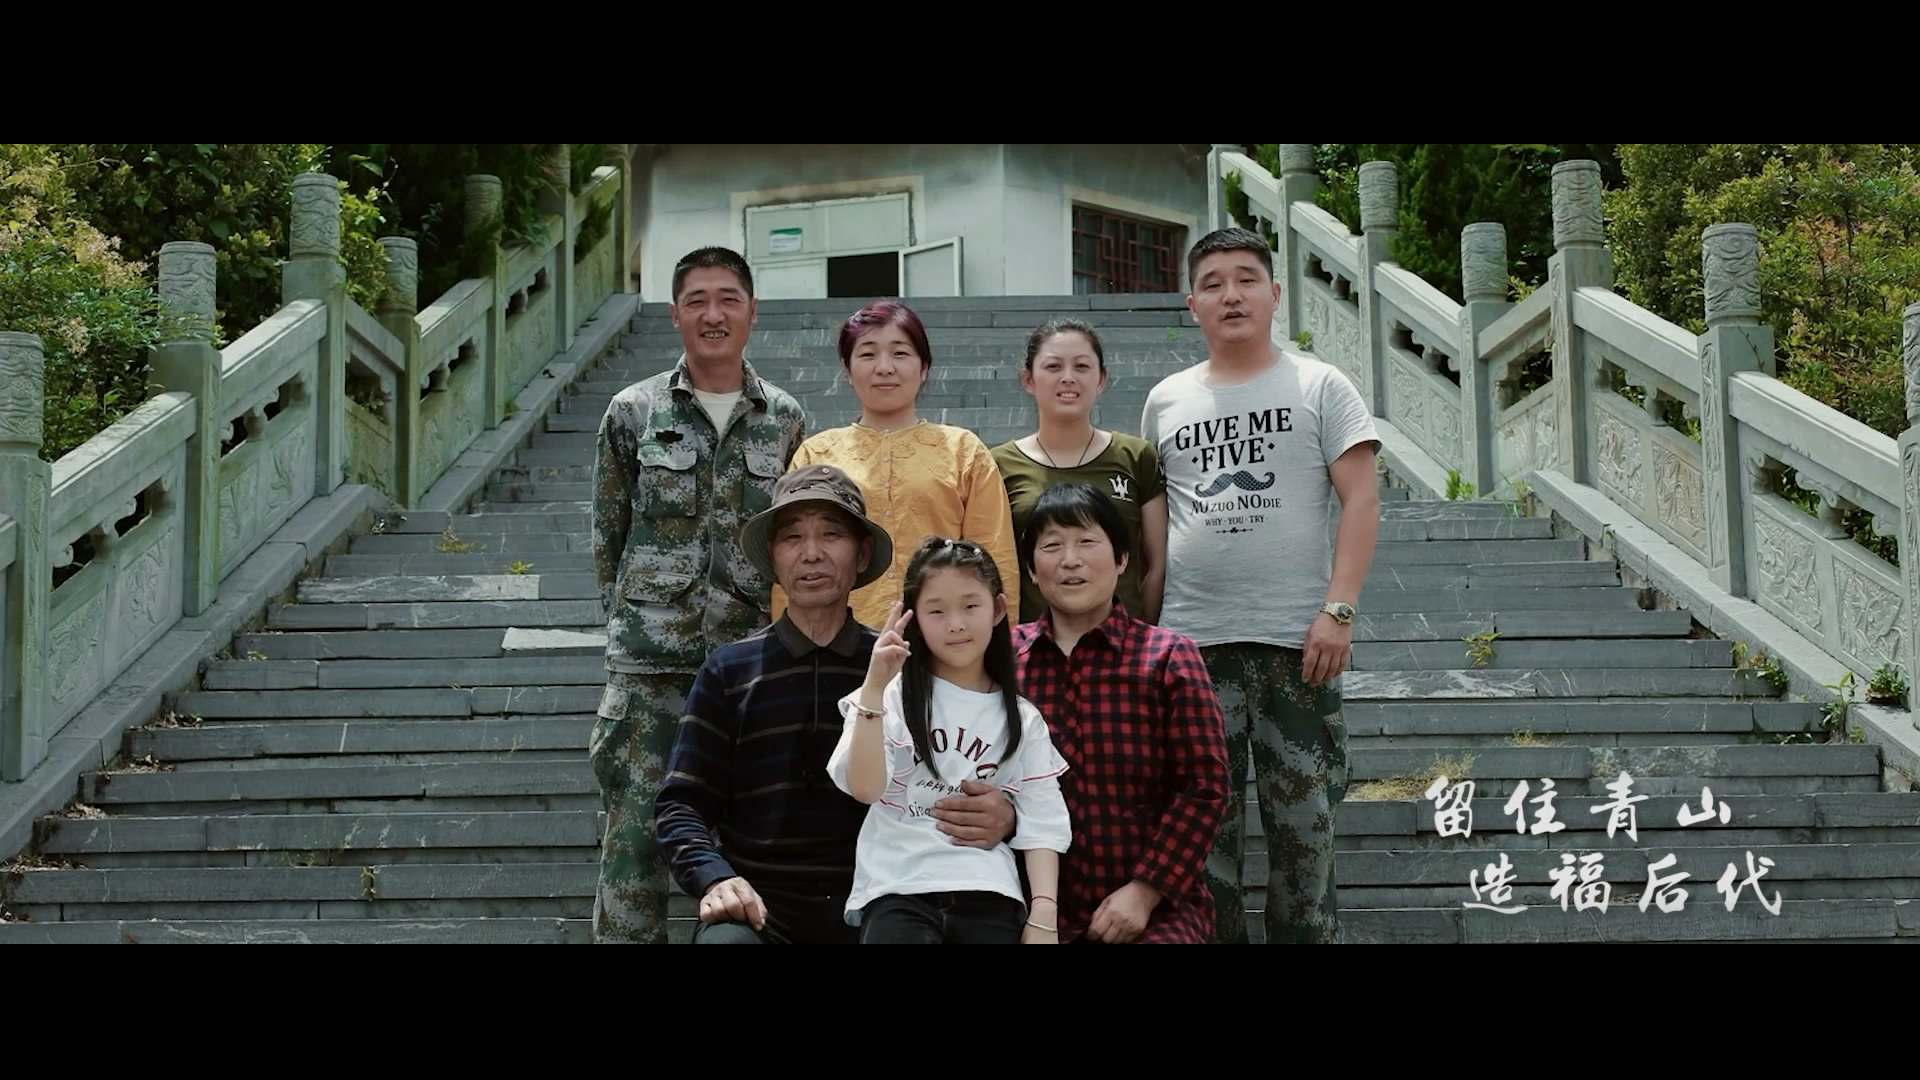 滁州高青旺视频[00_04_44][20181217-112738-1].JPG